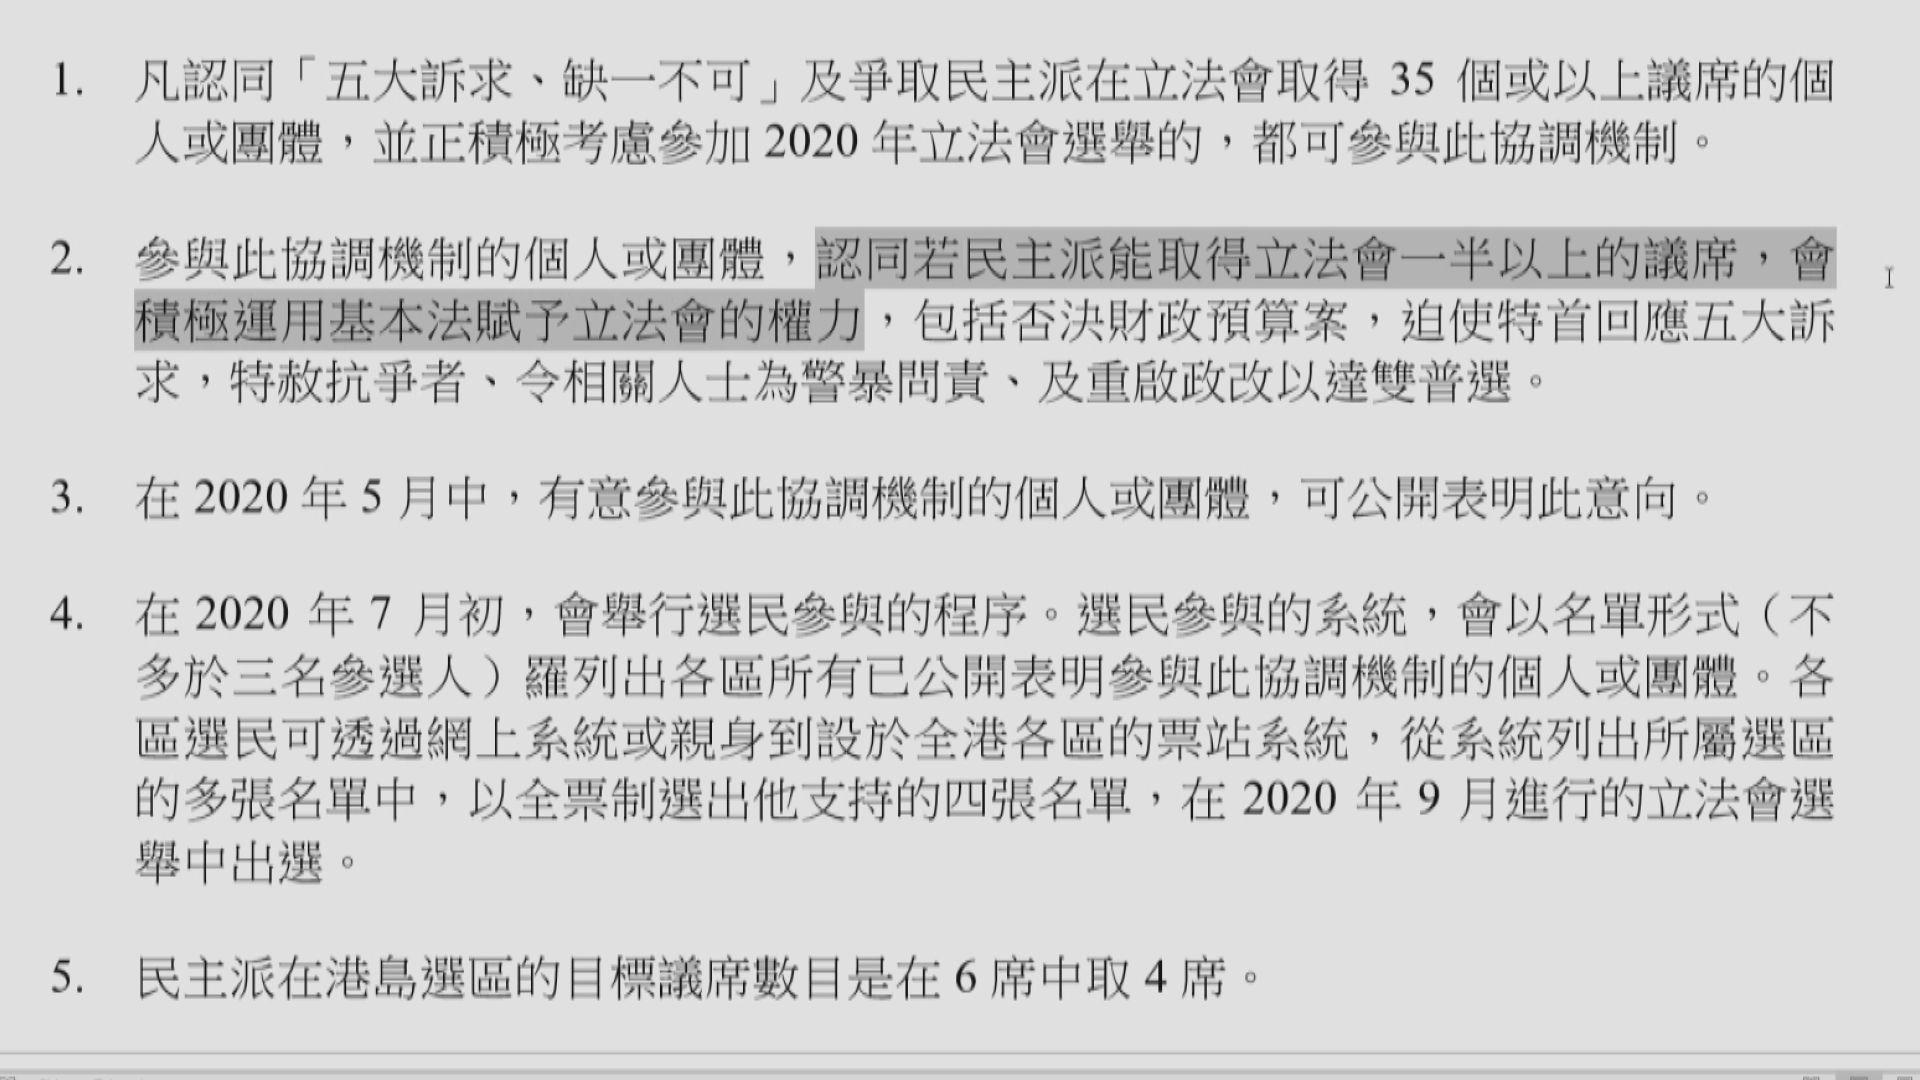 【初選原由】爭議會過半數議席 否決預算案迫回應五大訴求